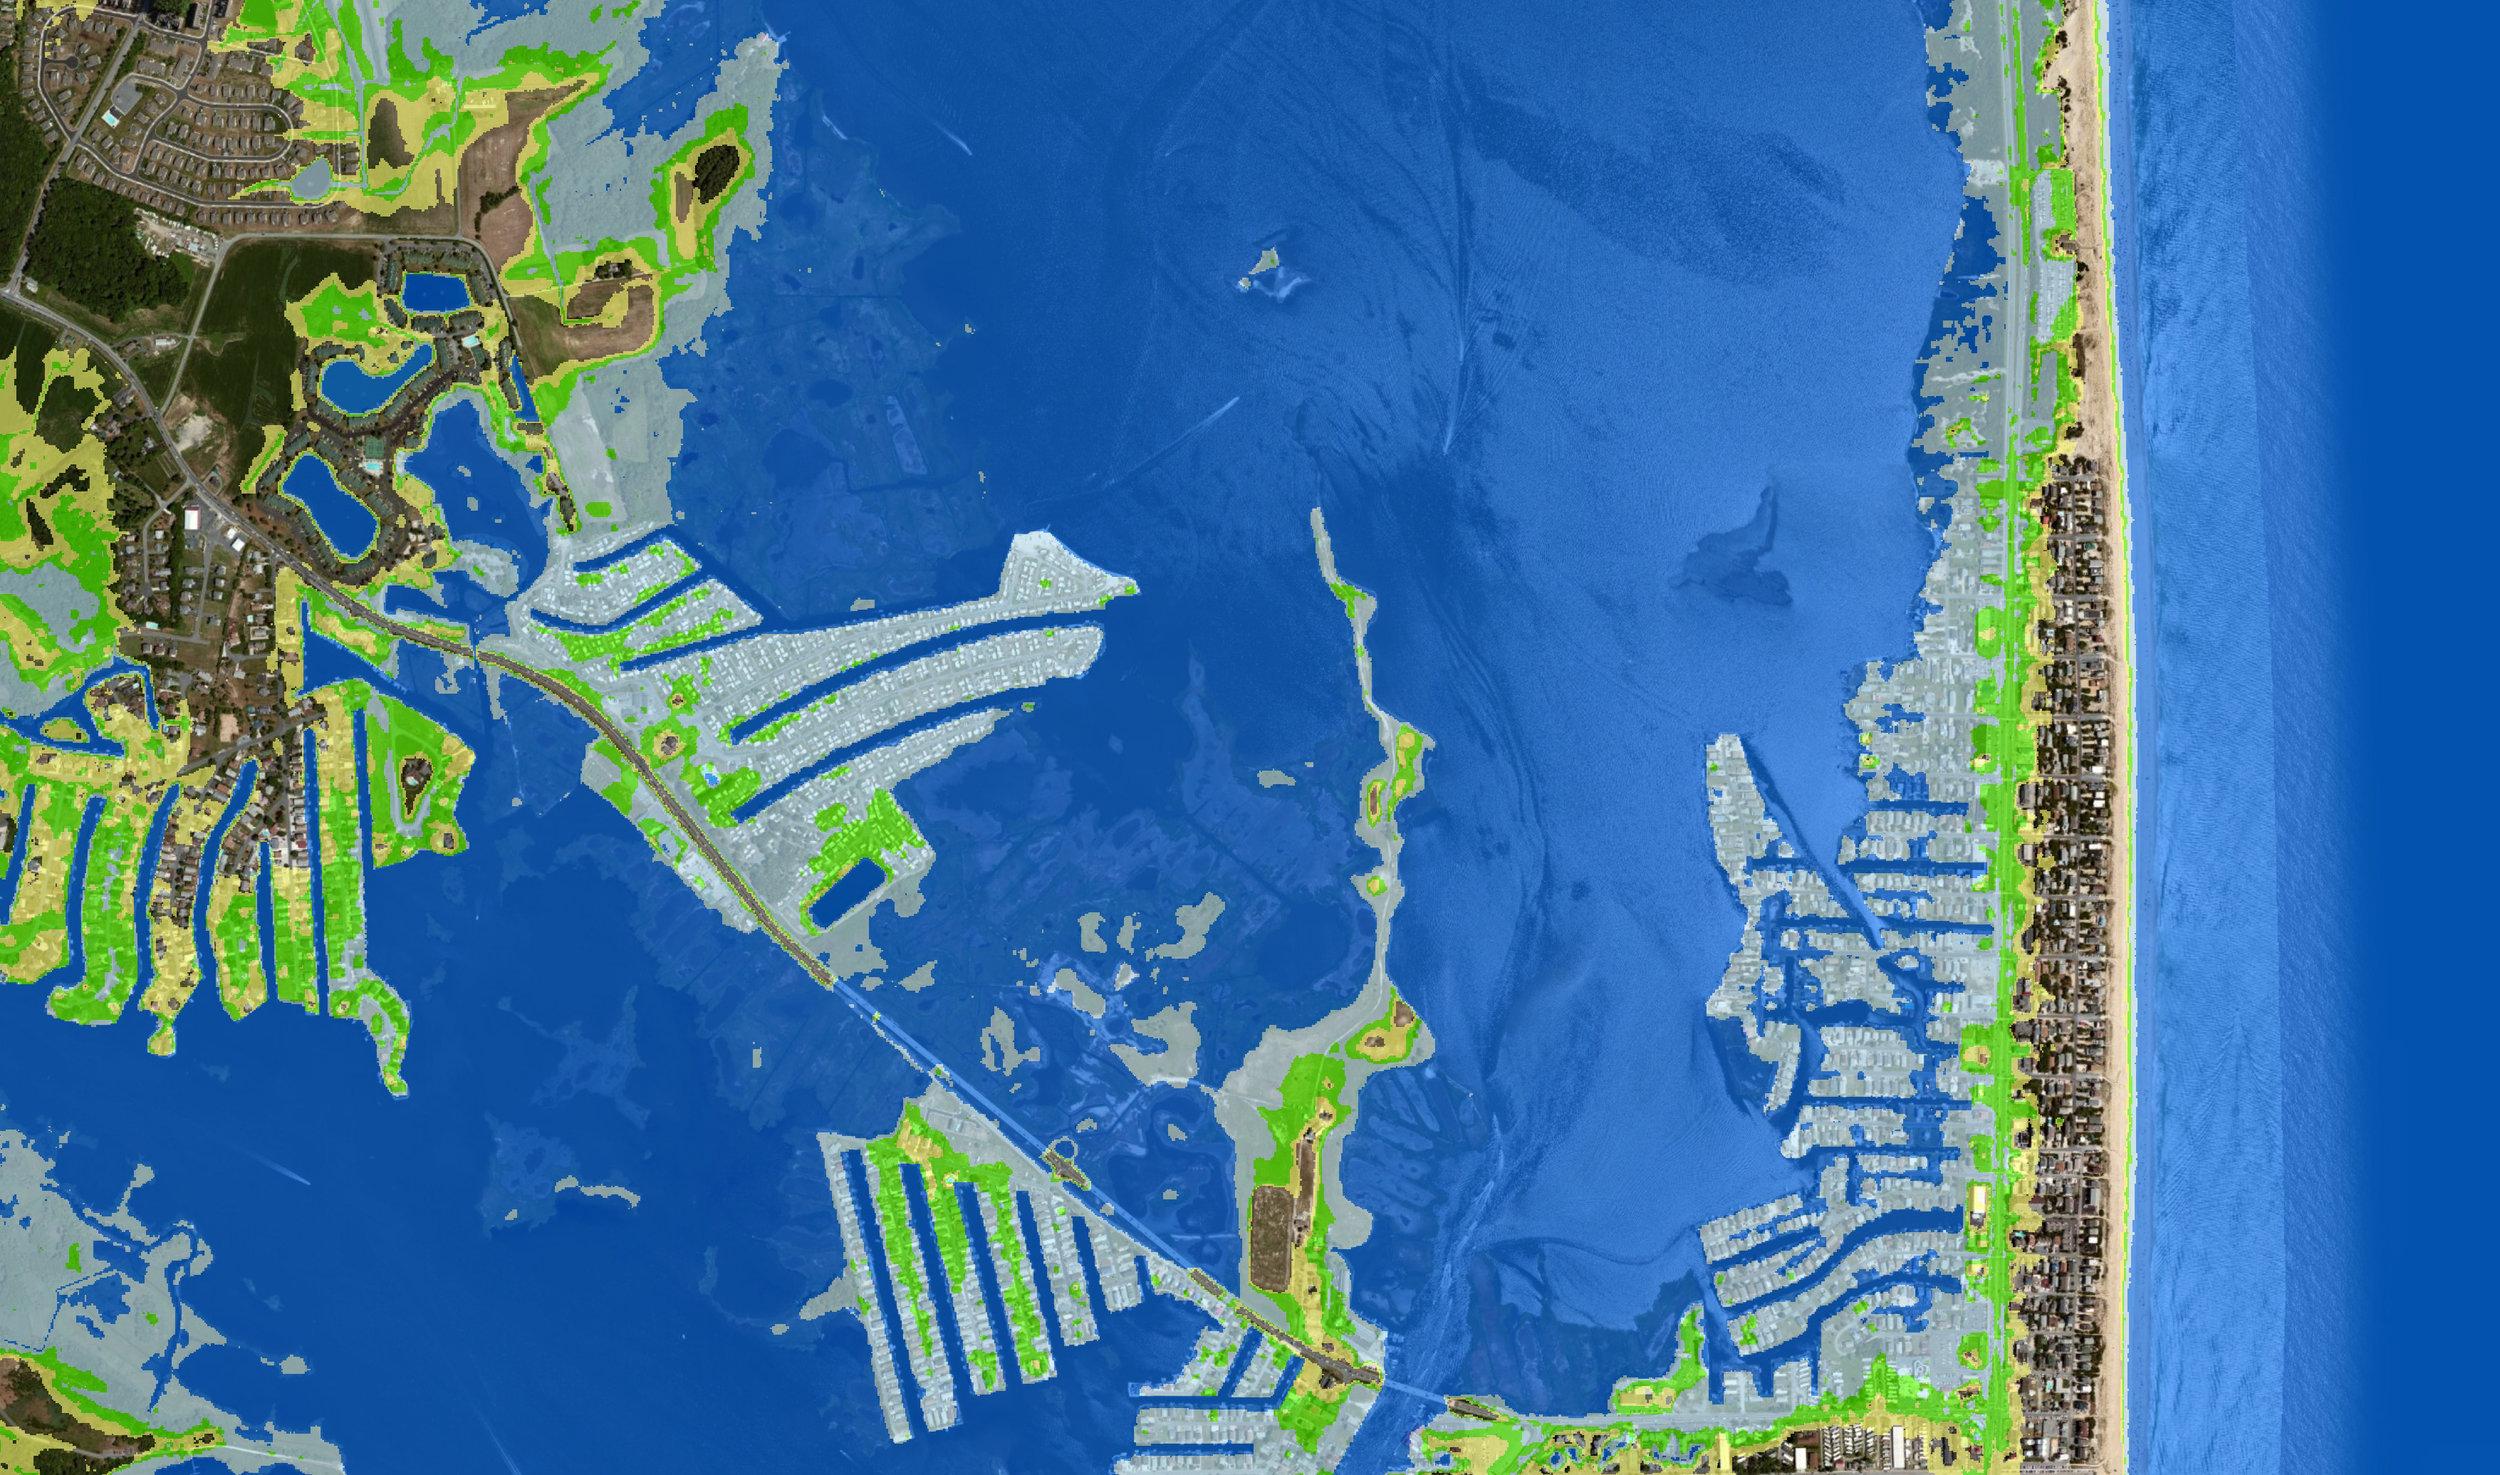 fenwick-island-overlay.jpg